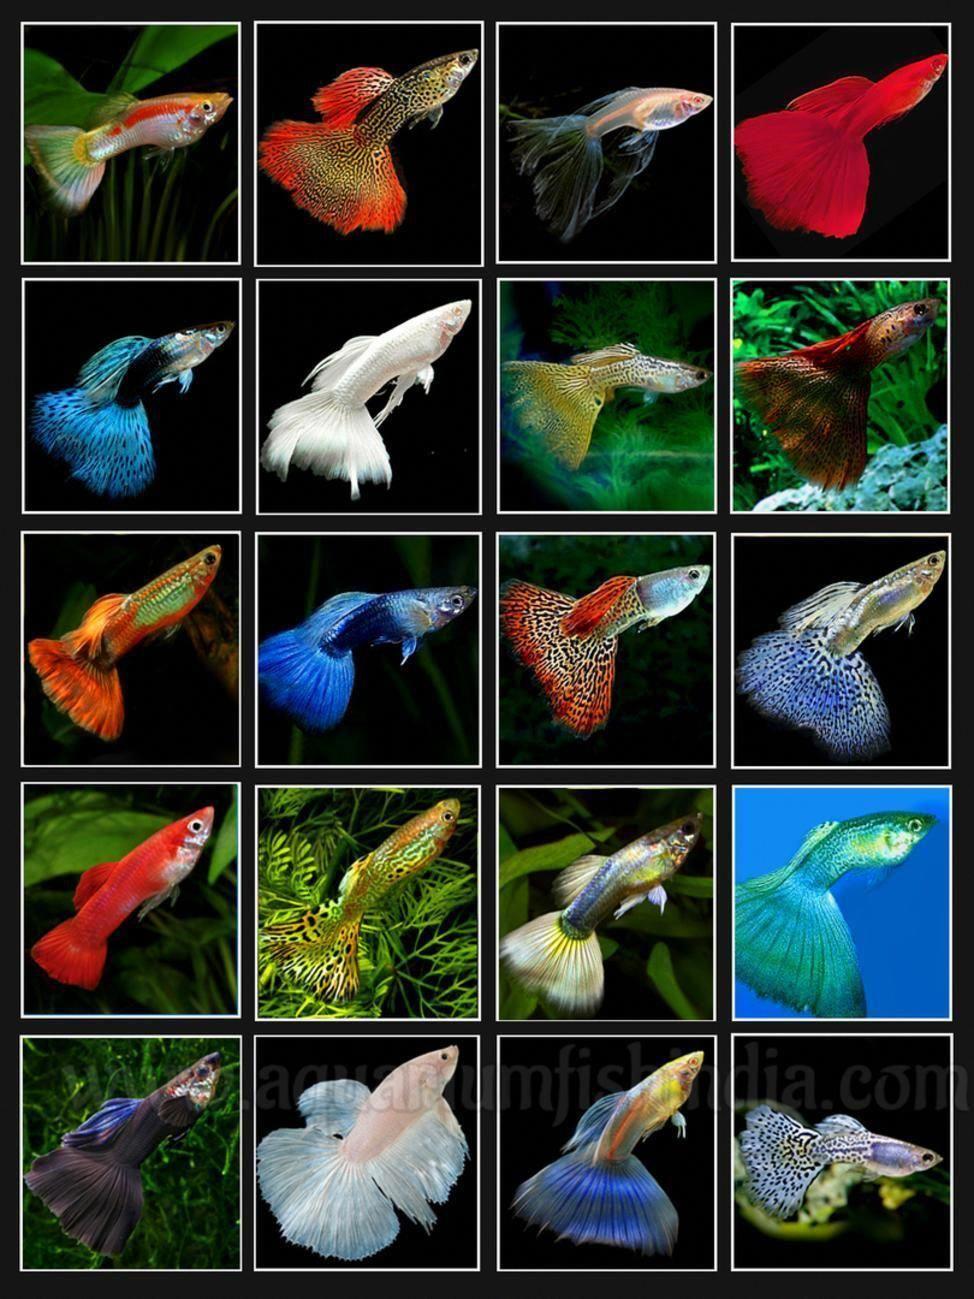 Imported Guppies For Sale Online India Imported Aquarium Fish Aquarium Online Shopping India B Aquarium Fish Tropical Fish Aquarium Tropical Freshwater Fish